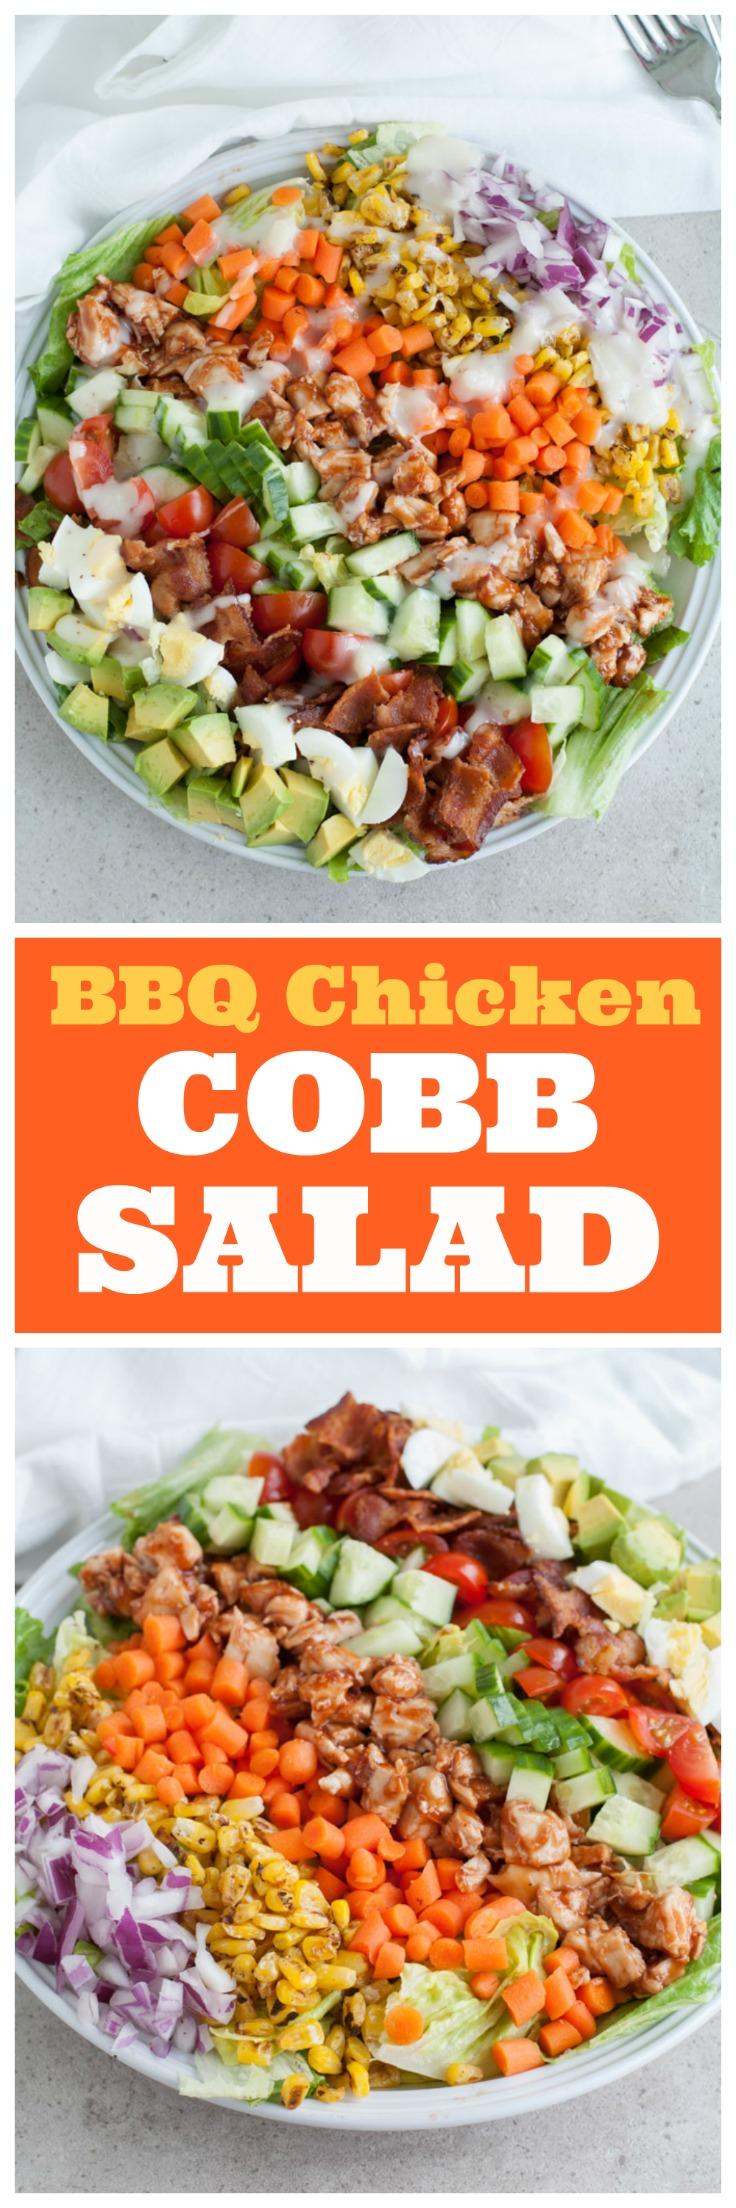 BBQ chicken salad in a bowl.